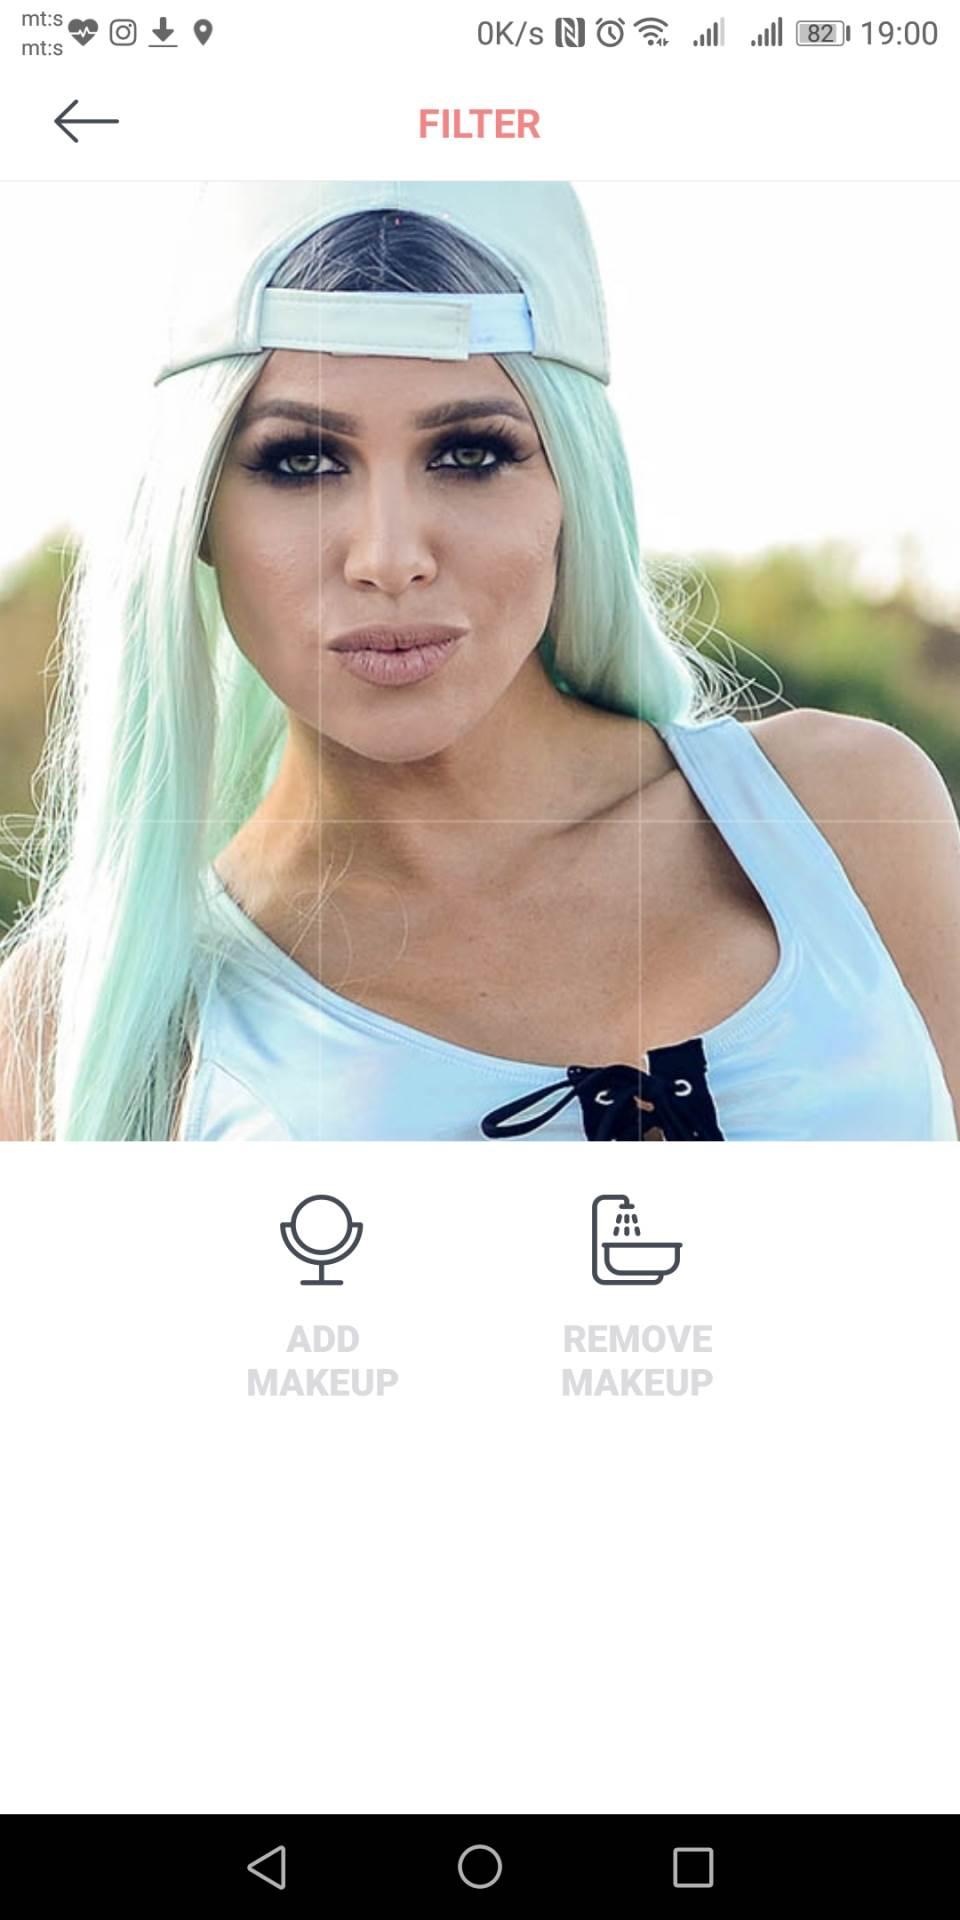 Aplikacija ogolela žene, otkriva sve (FOTO)